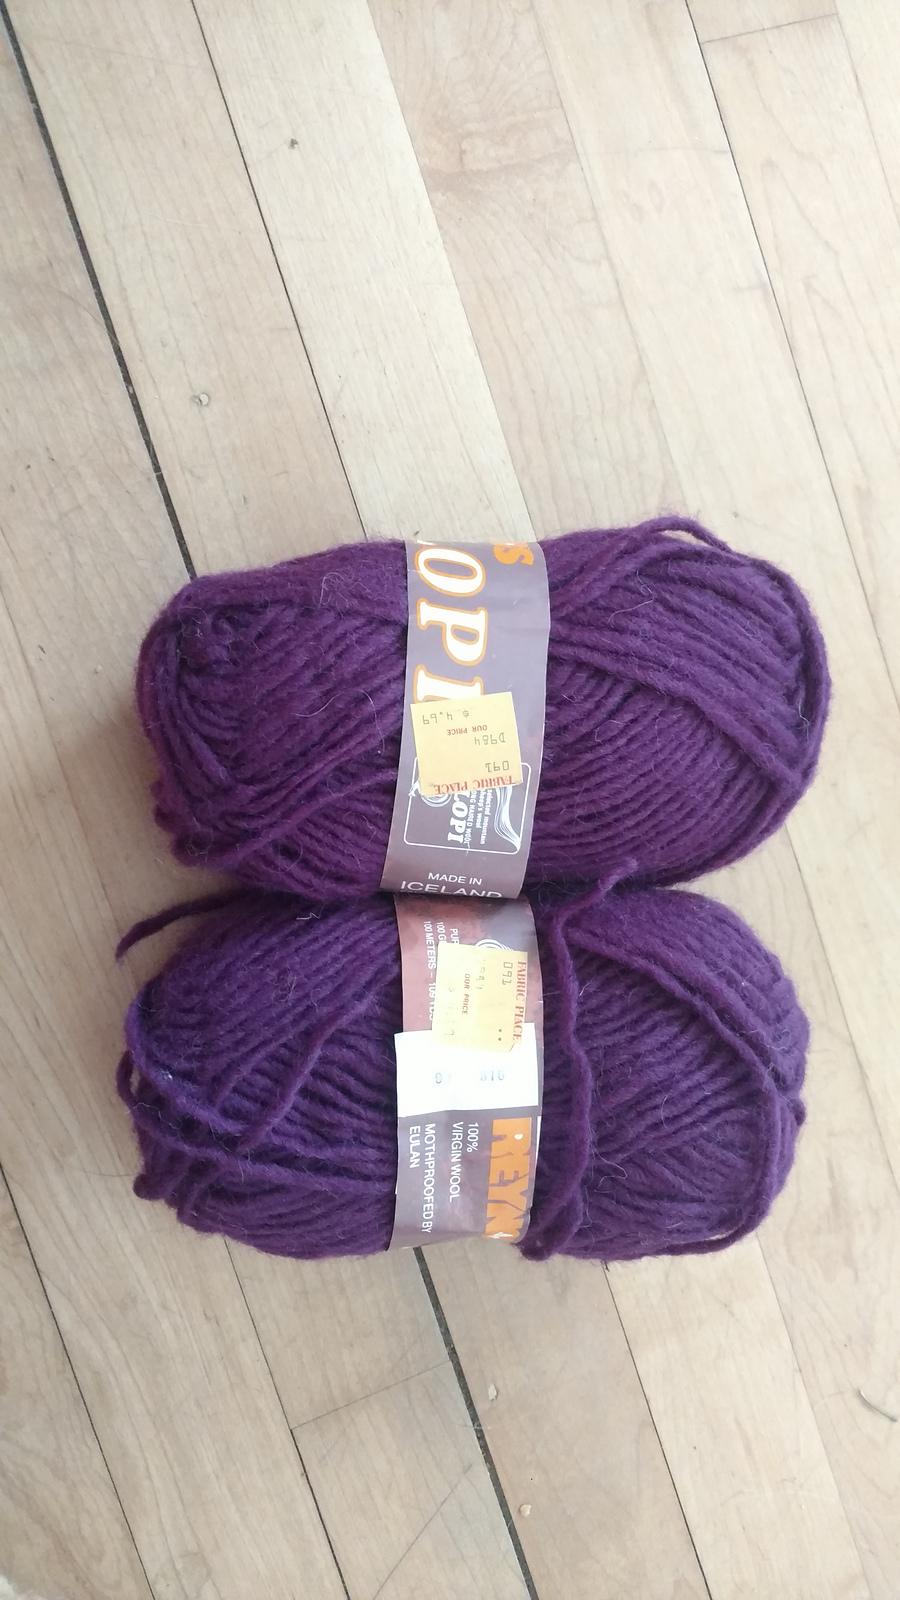 two skeins of plum purple yarn